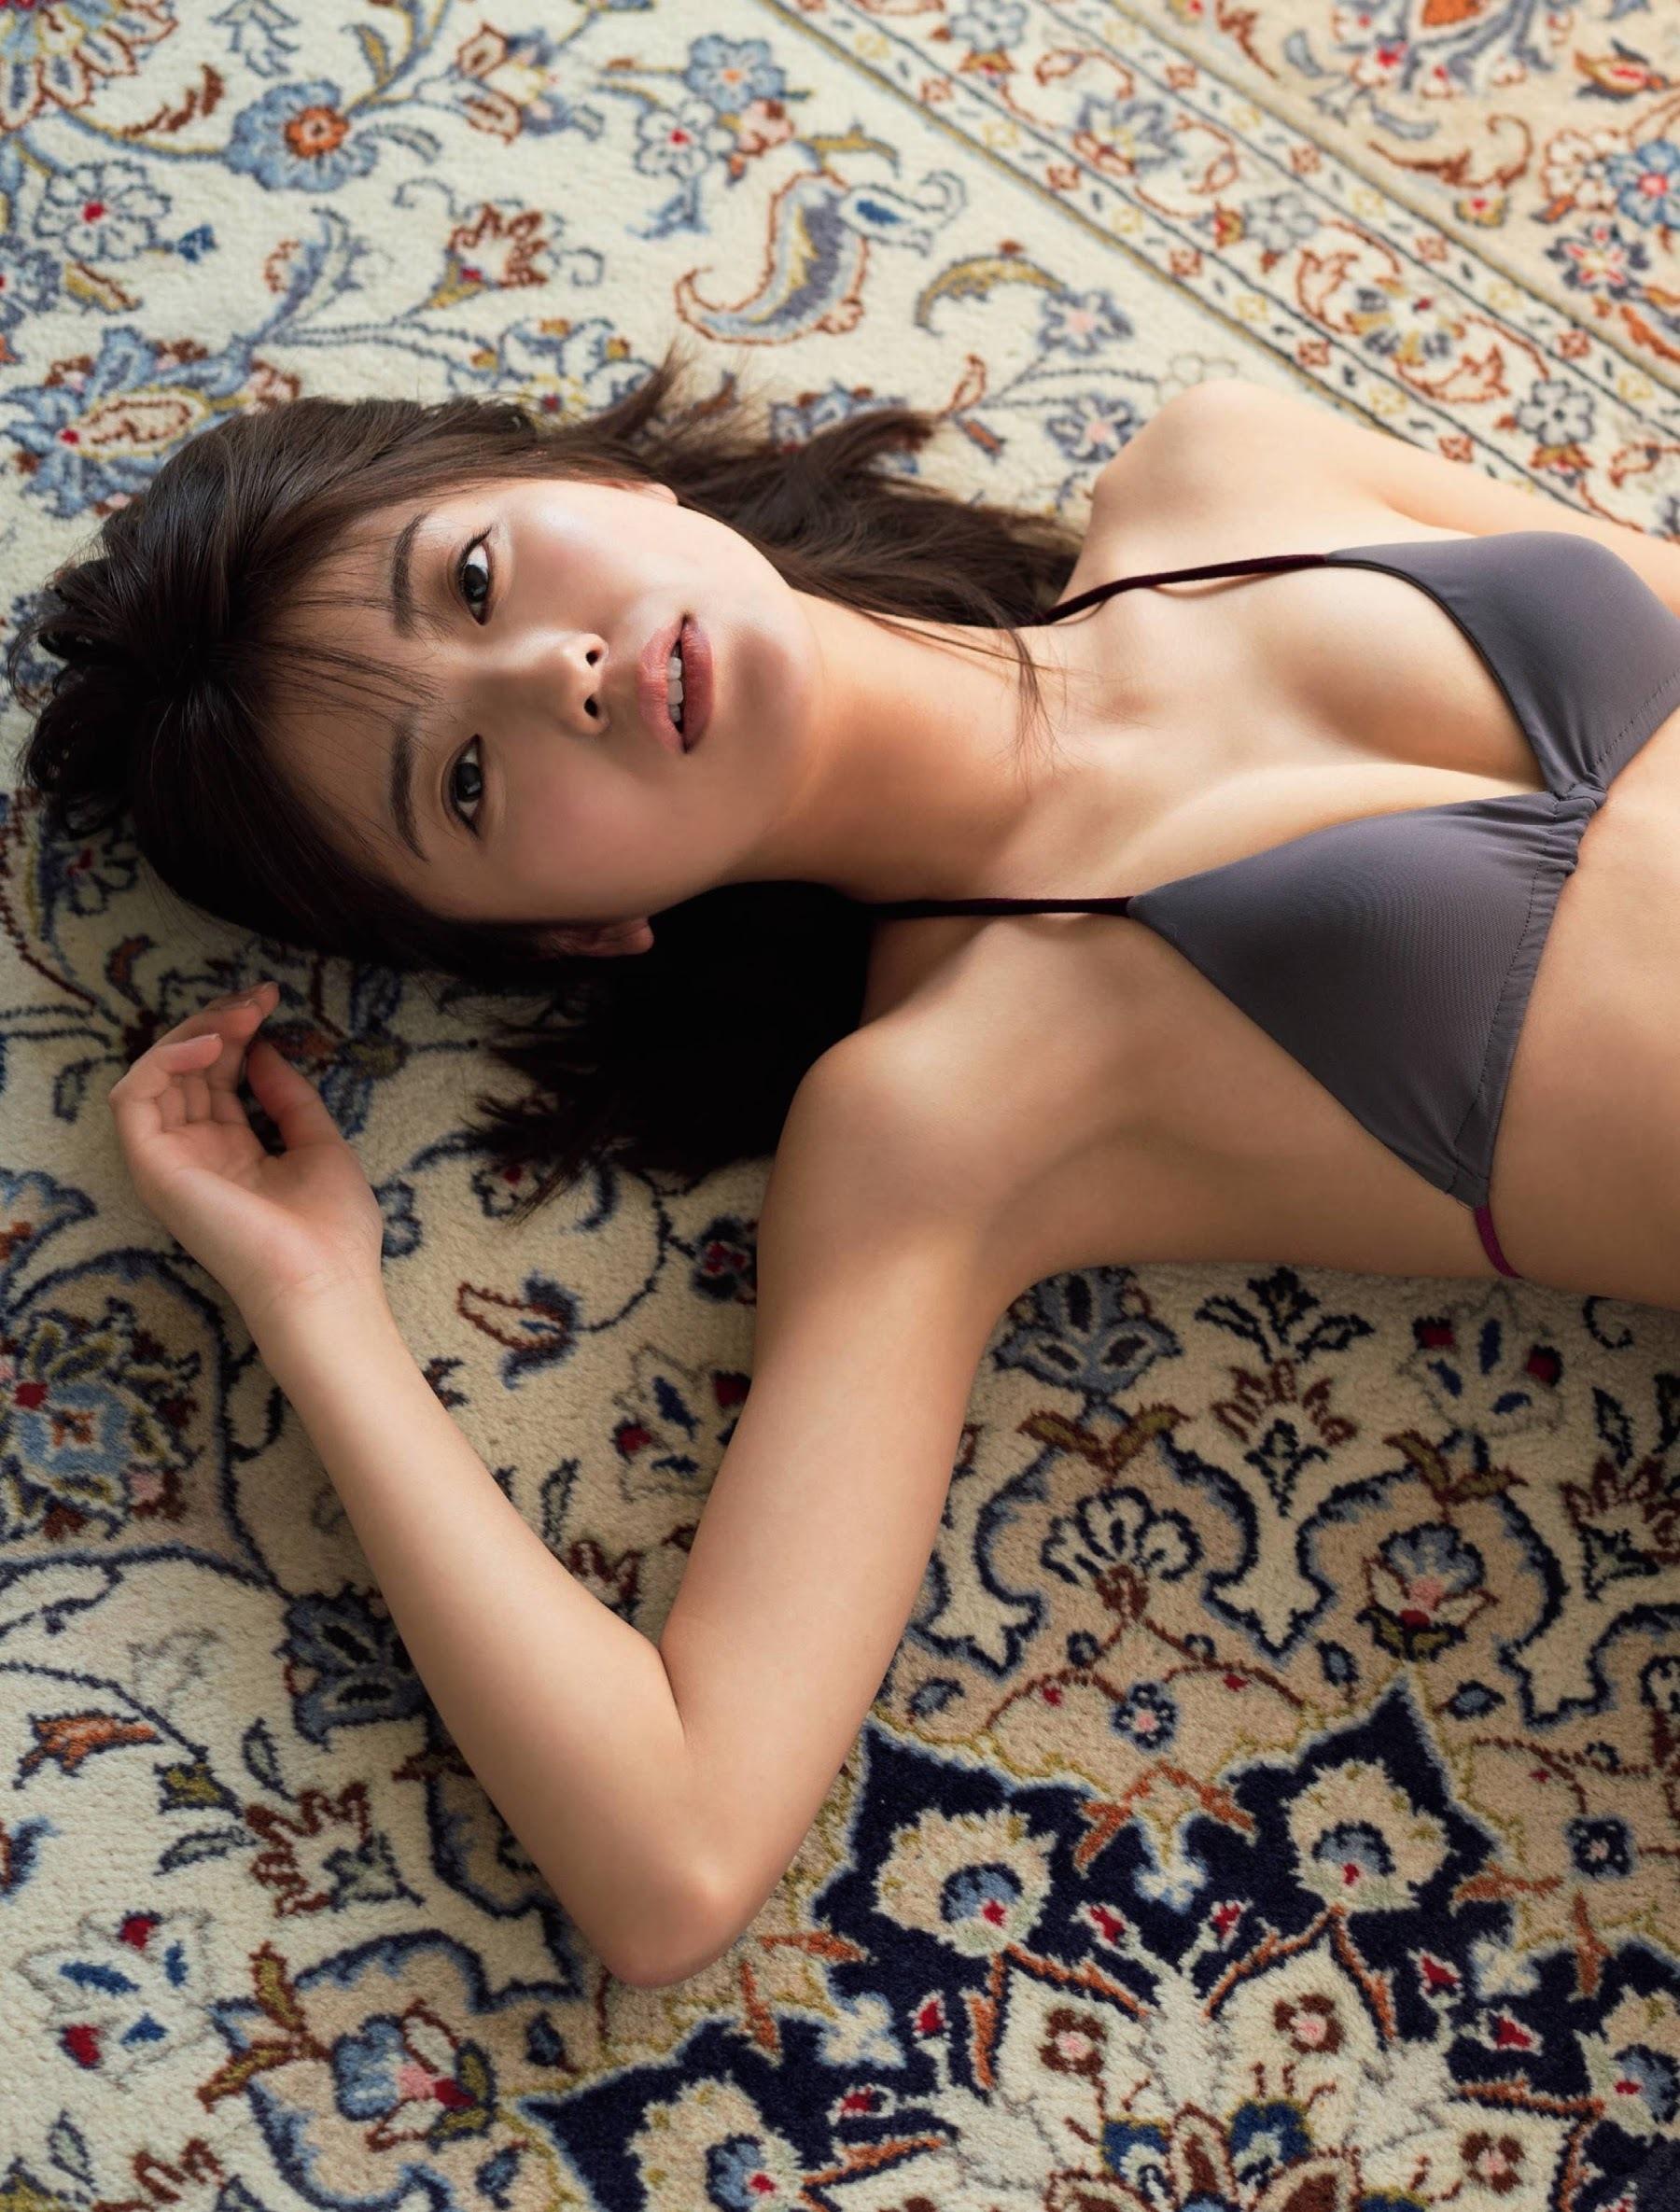 Kiramei Pinks fresh and beautiful body Miku Kudo007